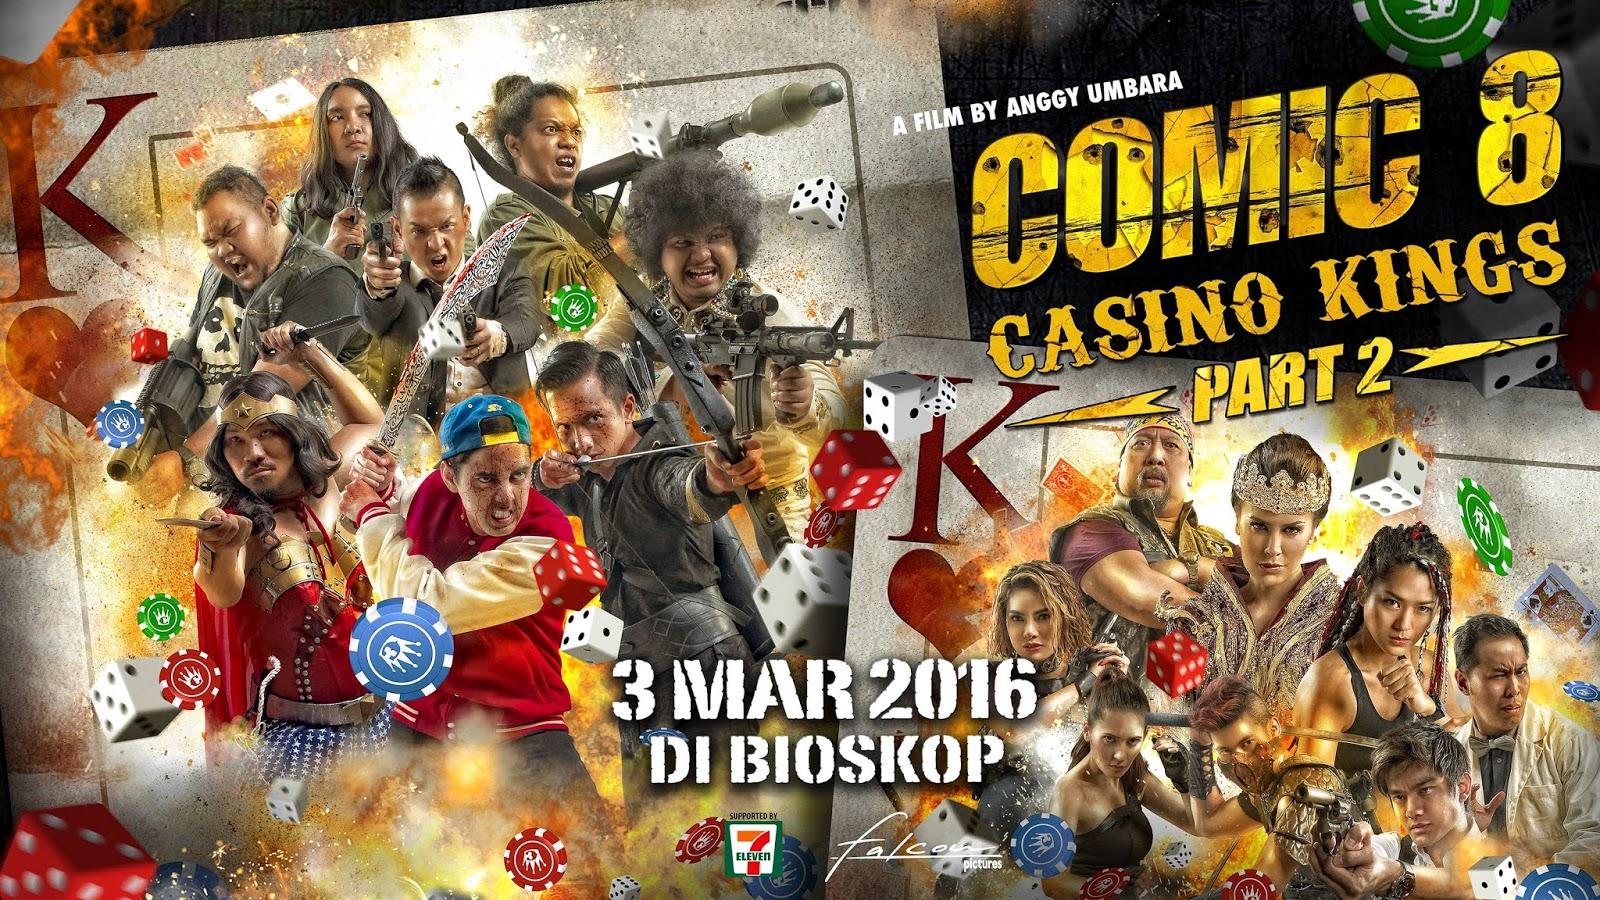 Free Download Casino King